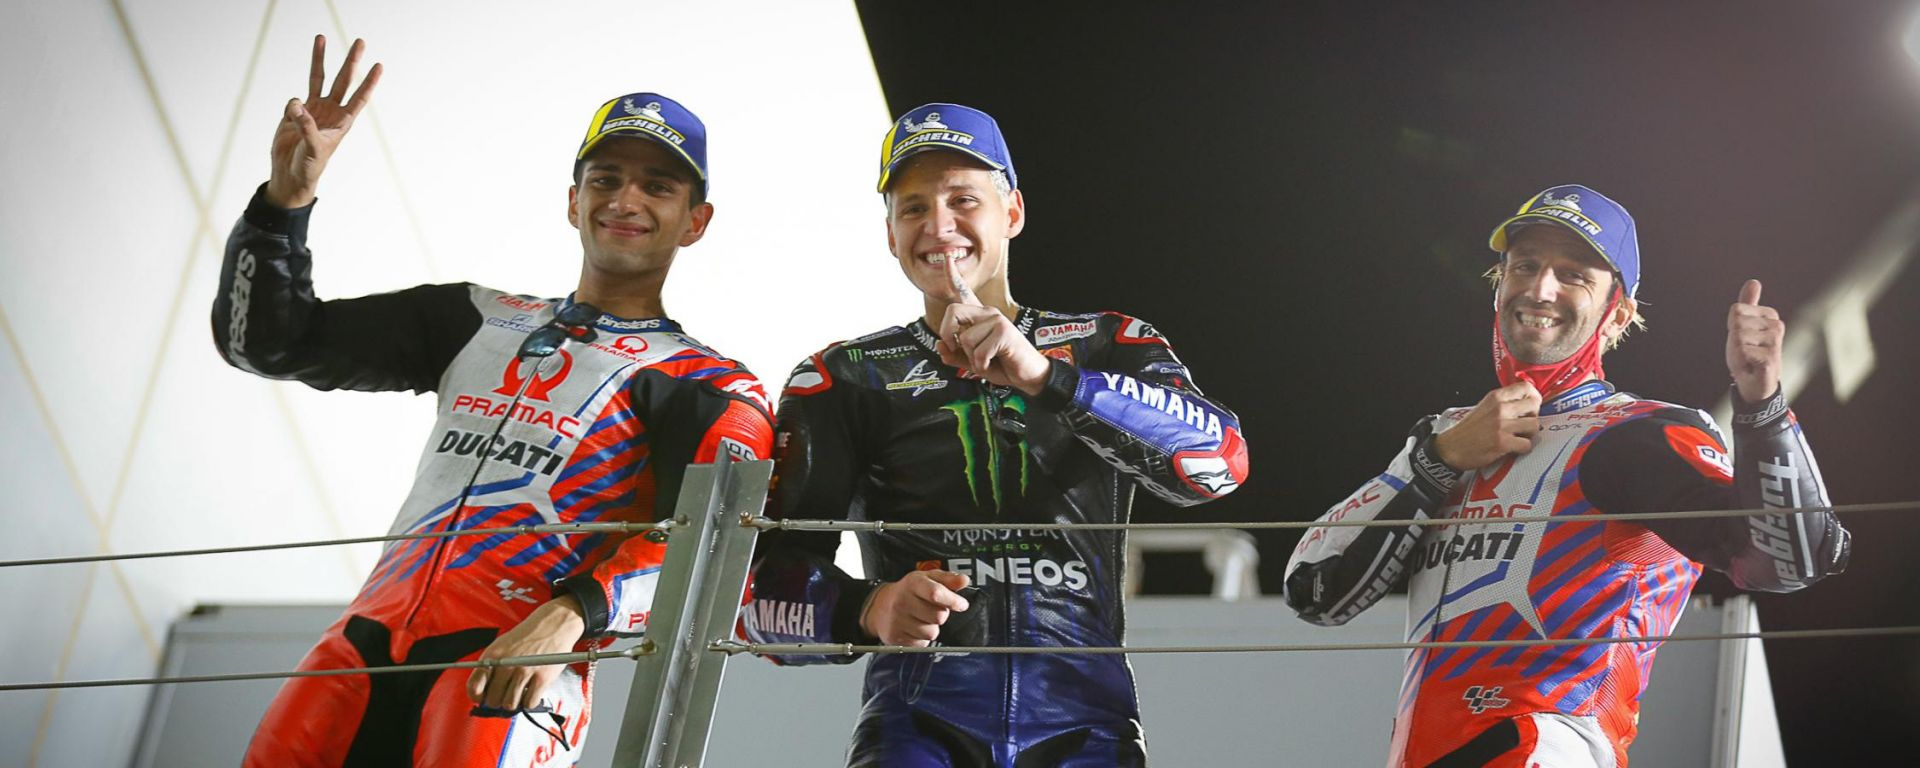 Il podio del GP Doha 2021: Maverick Vinales (Yamaha) in mezzo ai due del team Ducati Pramac, Martin e Zarco